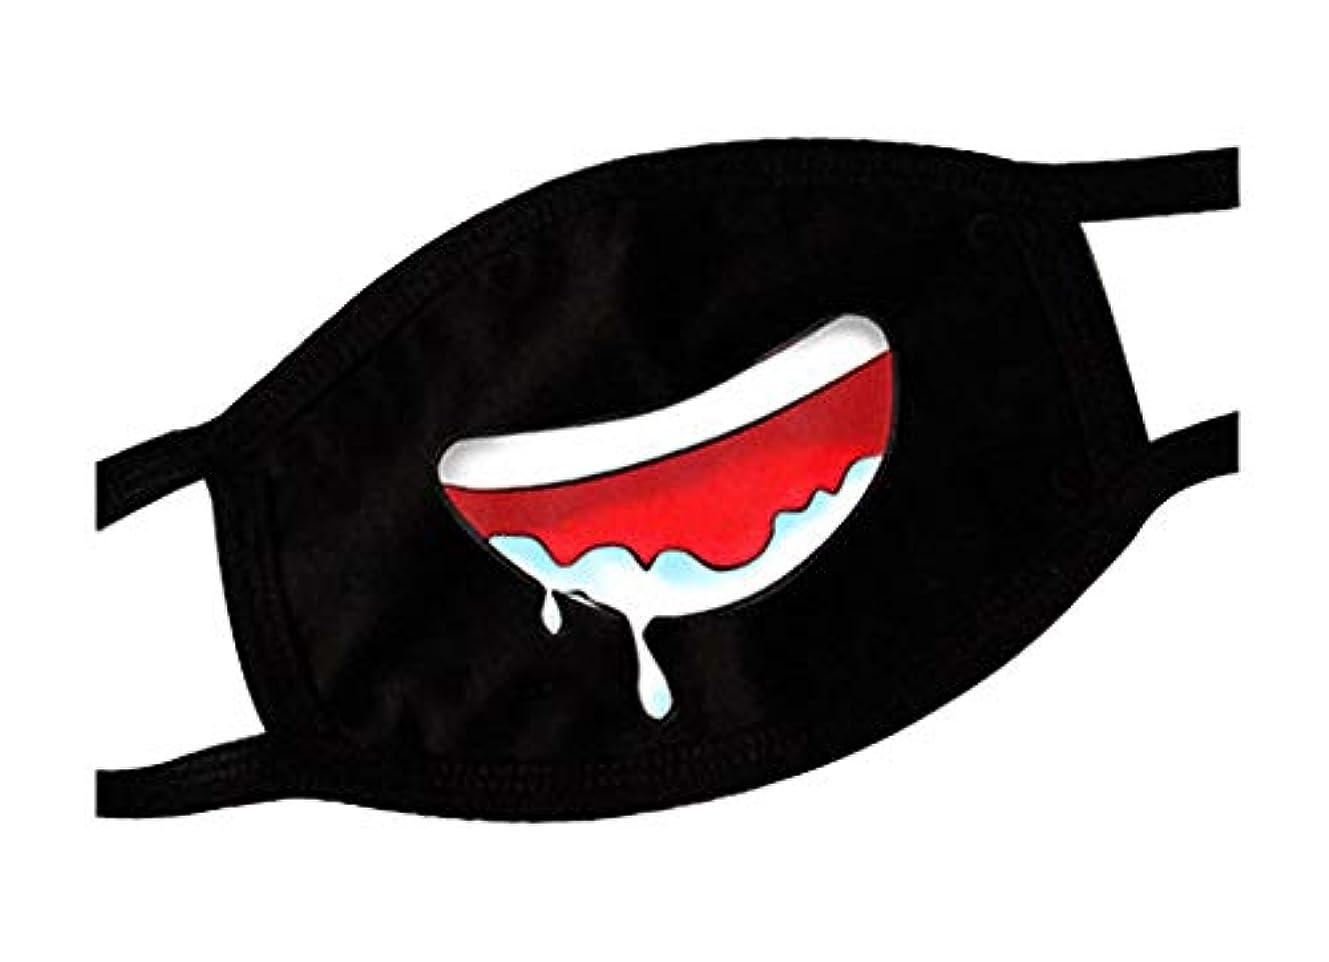 分析する素晴らしい良い多くの六分儀ブラック面白い口のマスク、十代のかわいいユニセックスの顔の口のマスク、F2